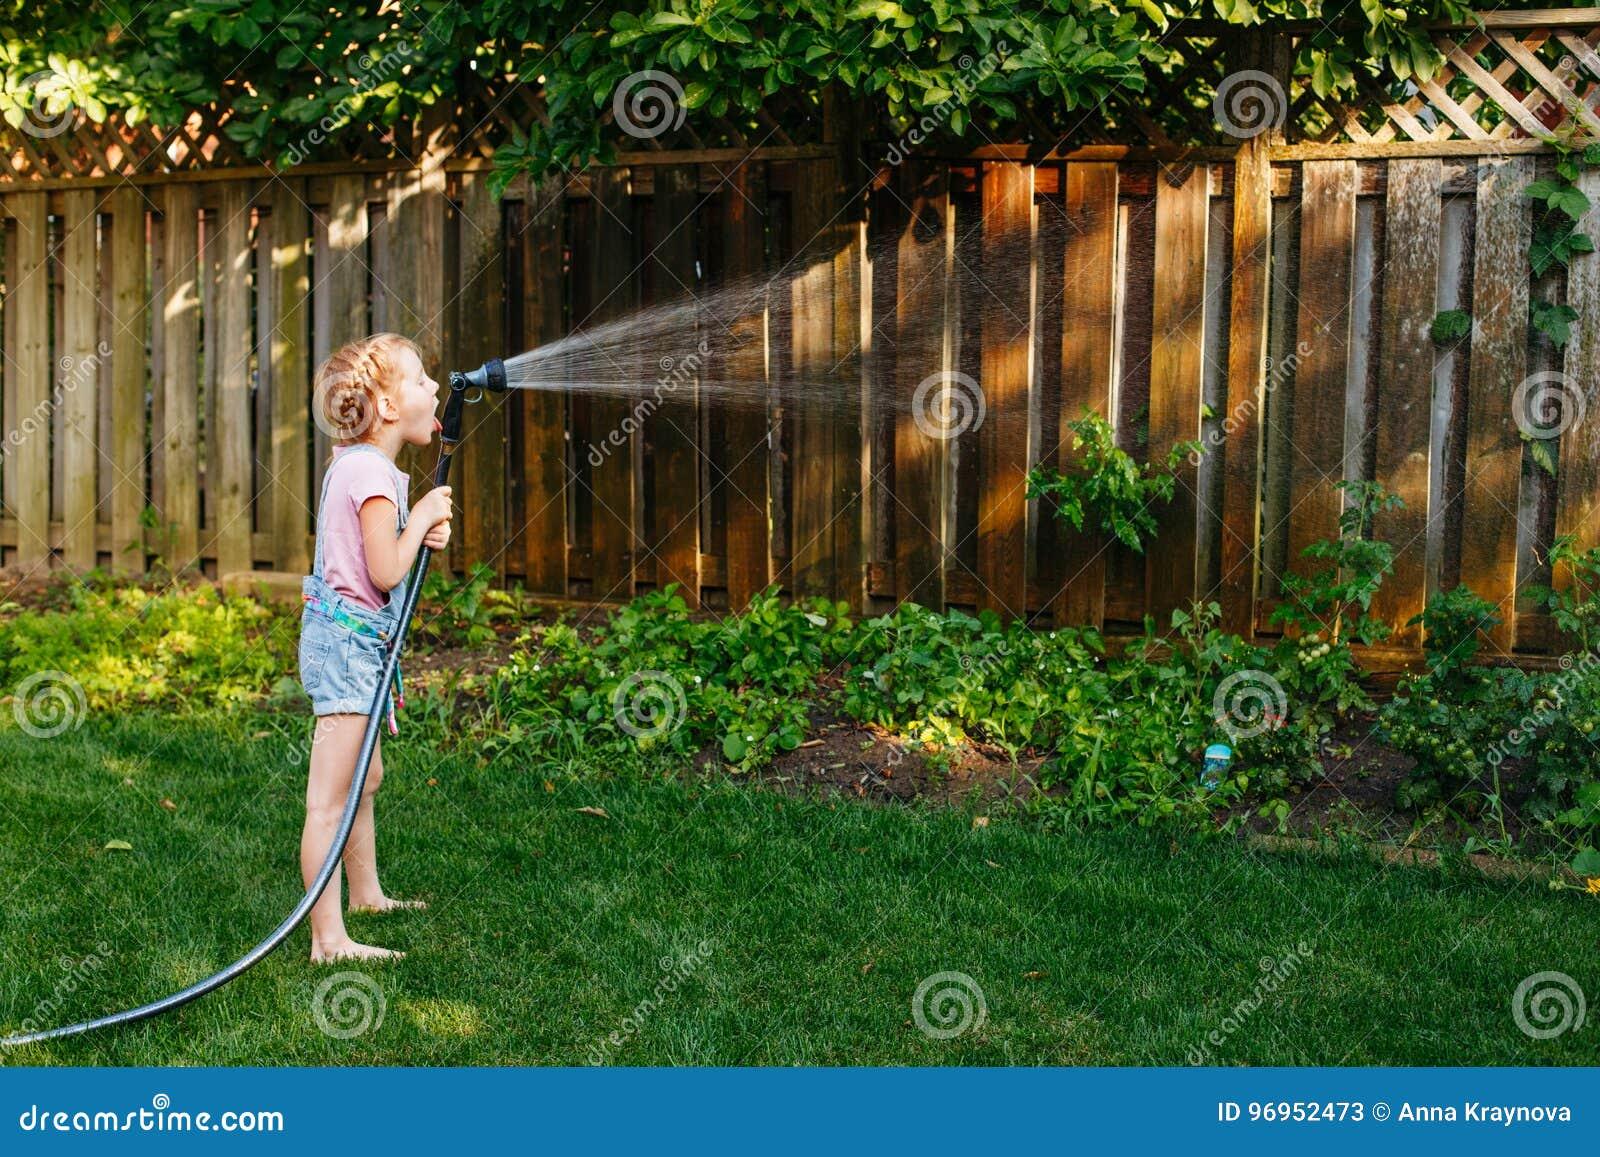 Little Girl Watering Green Plants On Backyard Stock Image - Image of ...